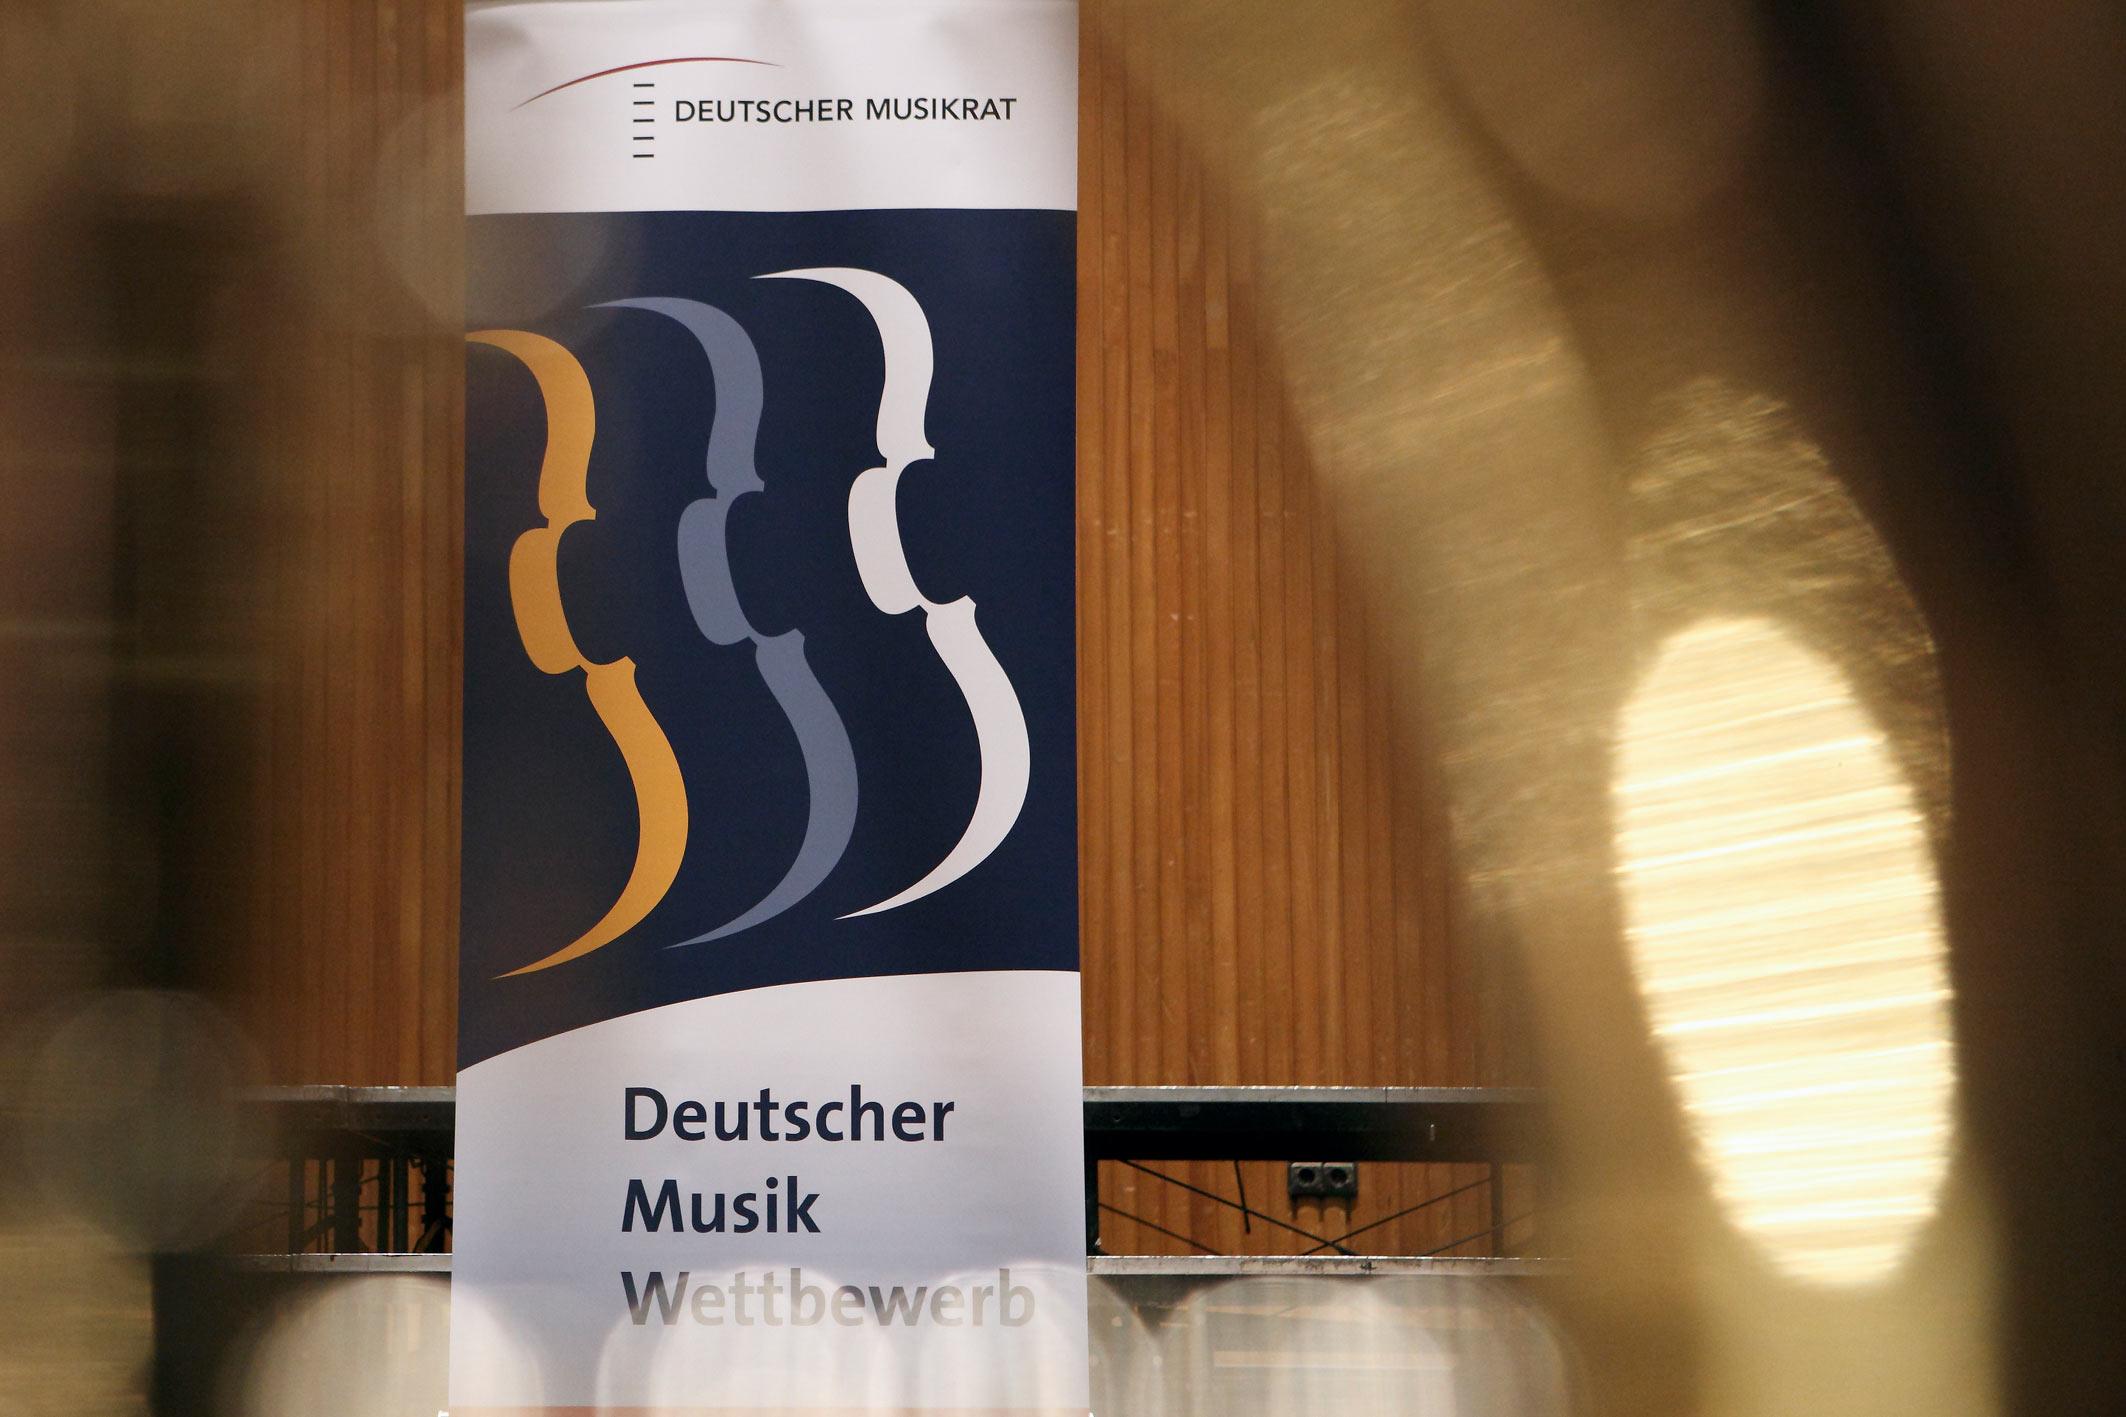 Deutscher Musikwettbewerb 2020 in der Redoute in Bonn-Bad Godesberg. ©DMW/Sonja Werner / Deutscher Musikwettbewerb